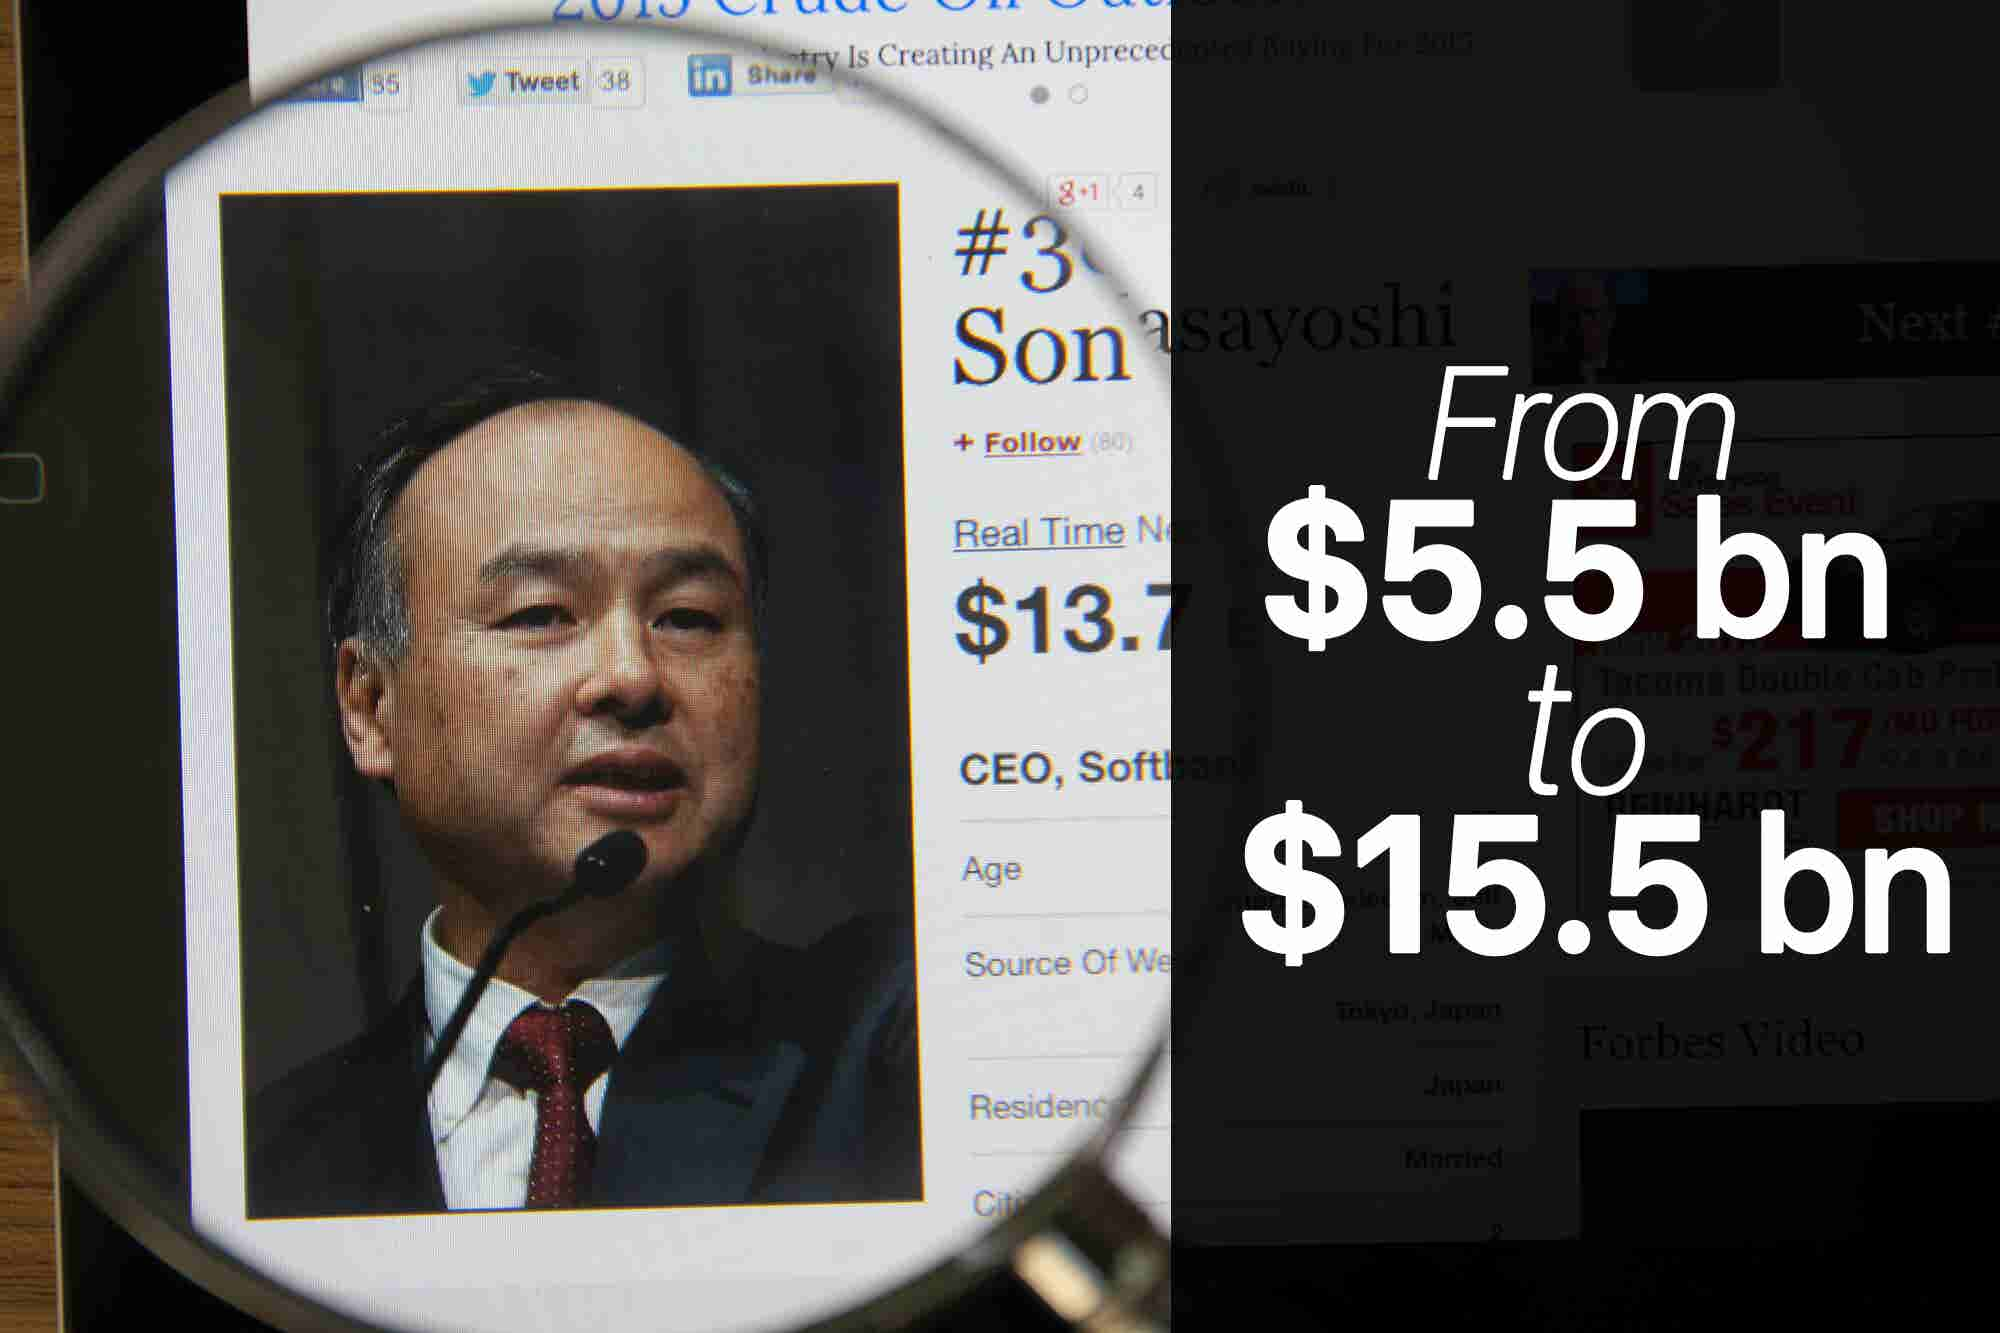 Friday Flashback: How Softbank's Founder Turned $5.5 billion to $15.5...